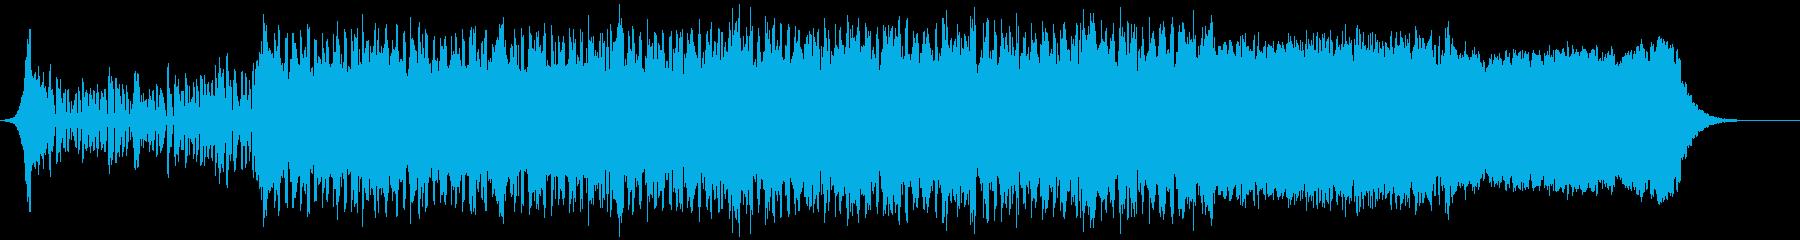 キラキラしたポップな音楽の再生済みの波形